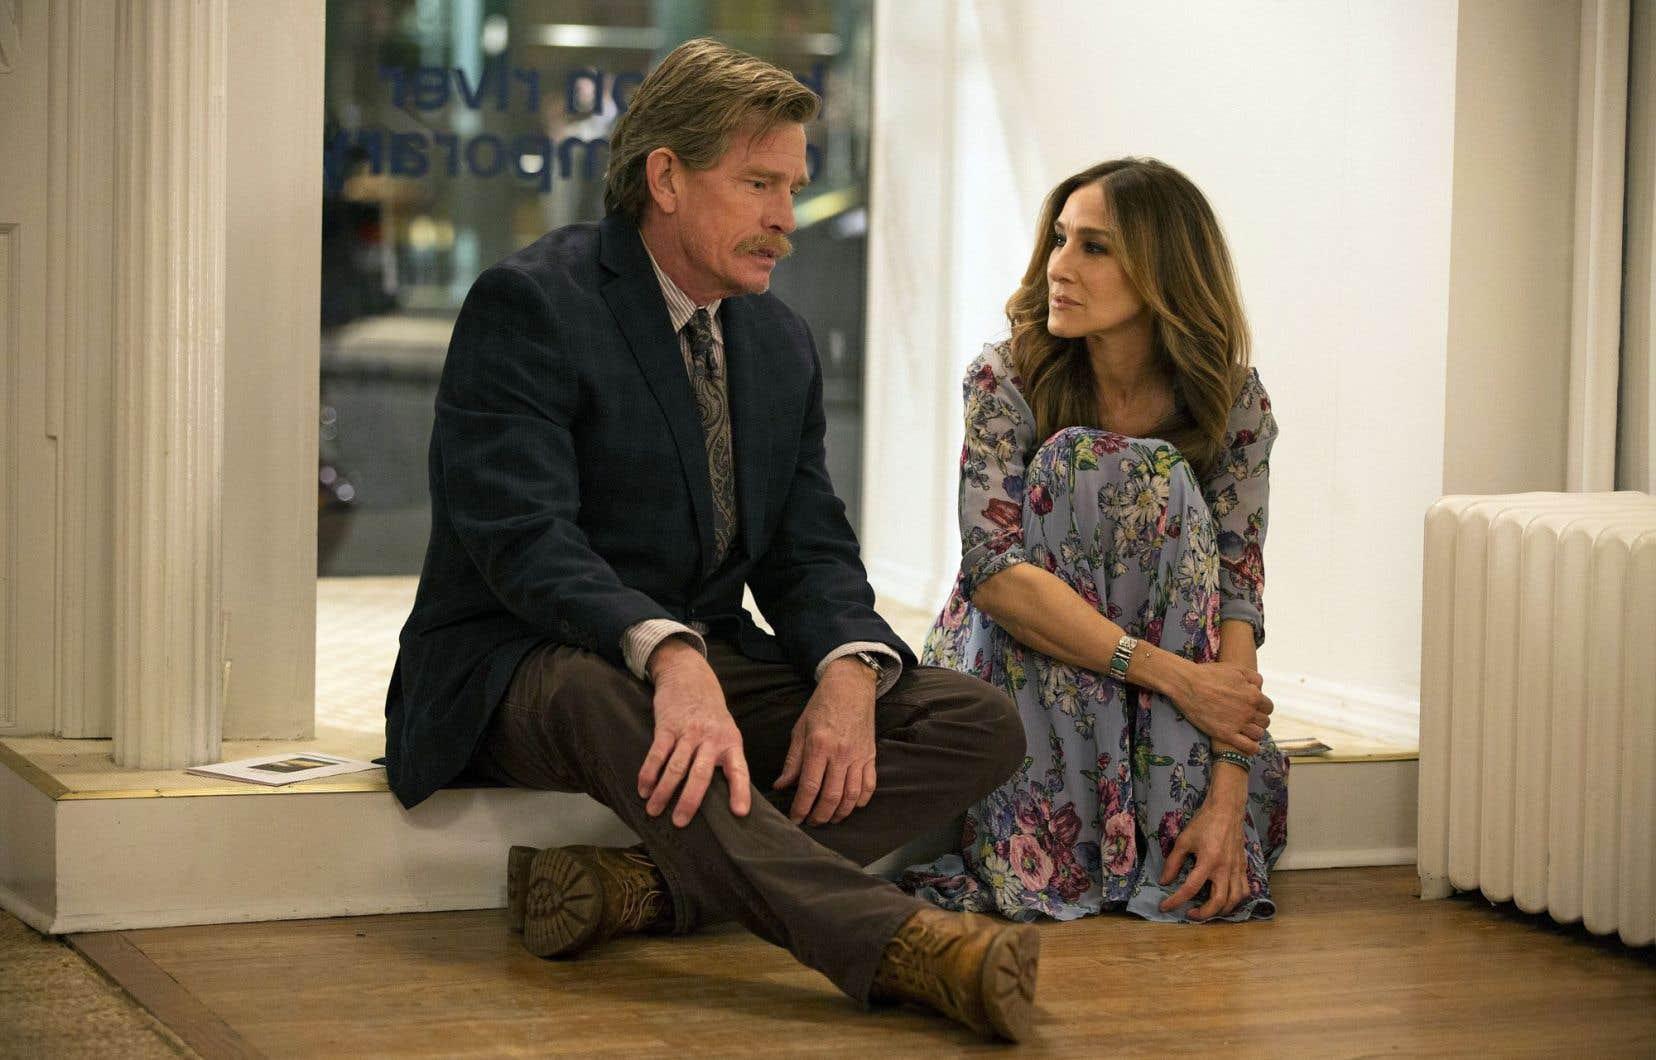 Thomas Haden Church et Sarah Jessica Parker dans la série «Divorce» qui décortique le phénomène par le menu détail.